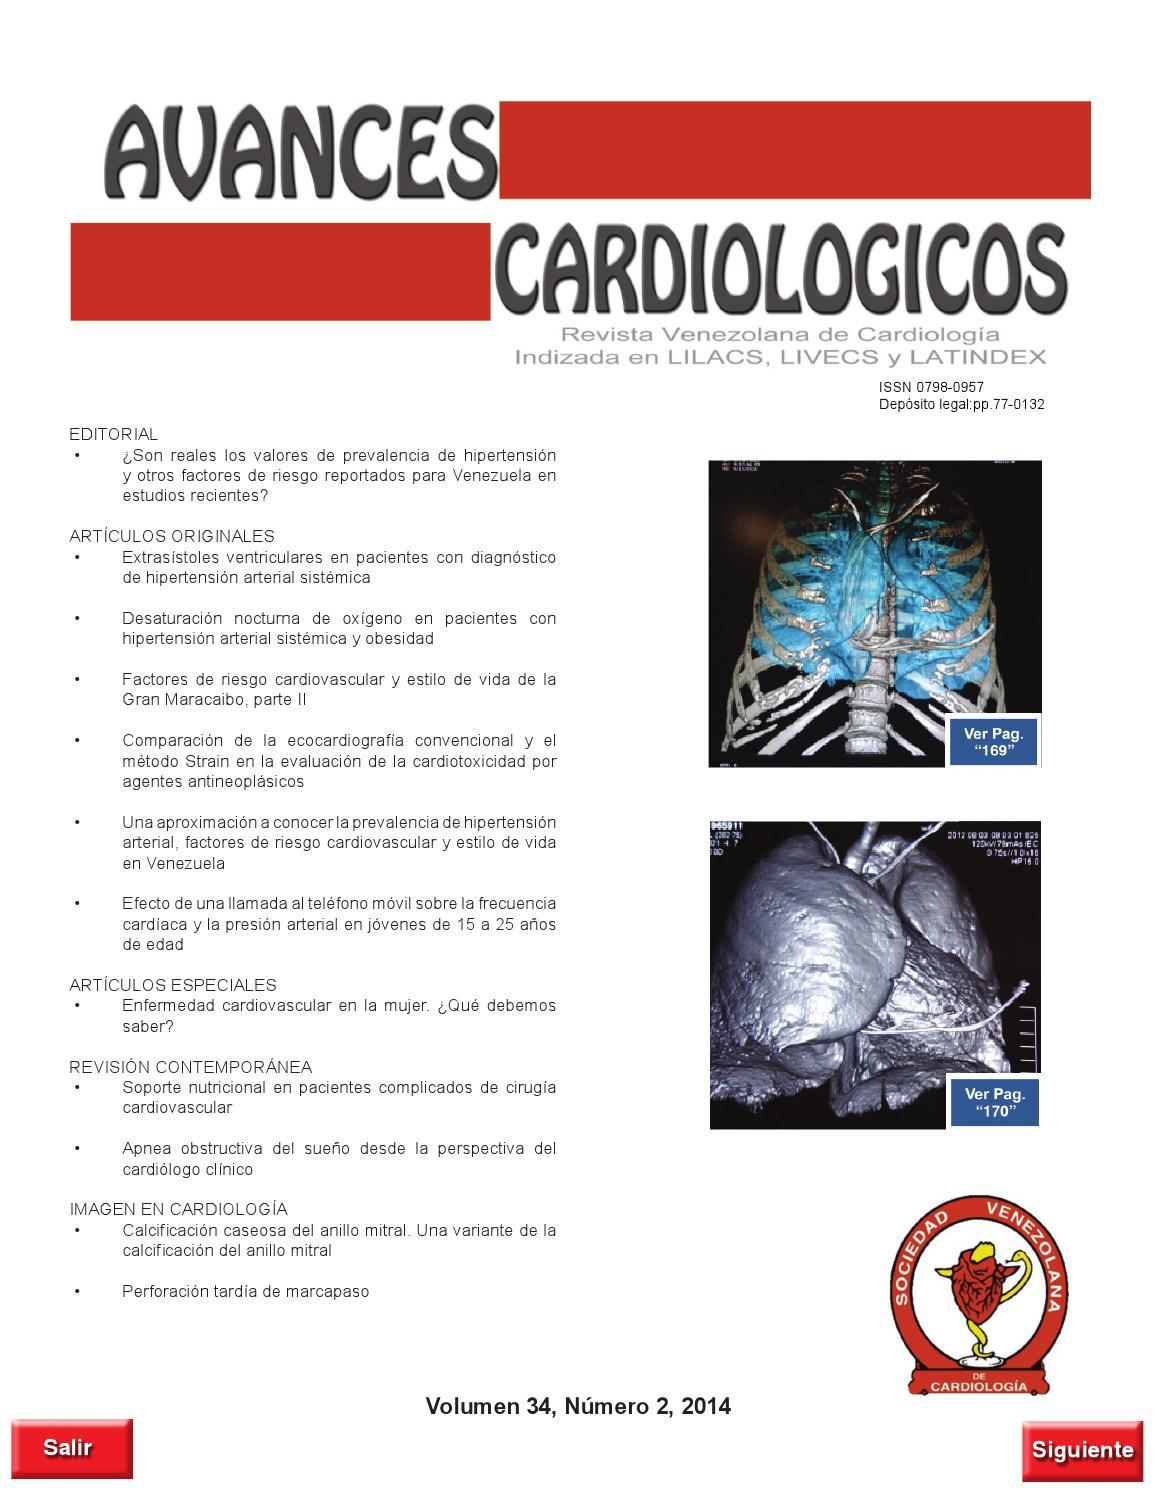 Pautas de presión arterial por agente